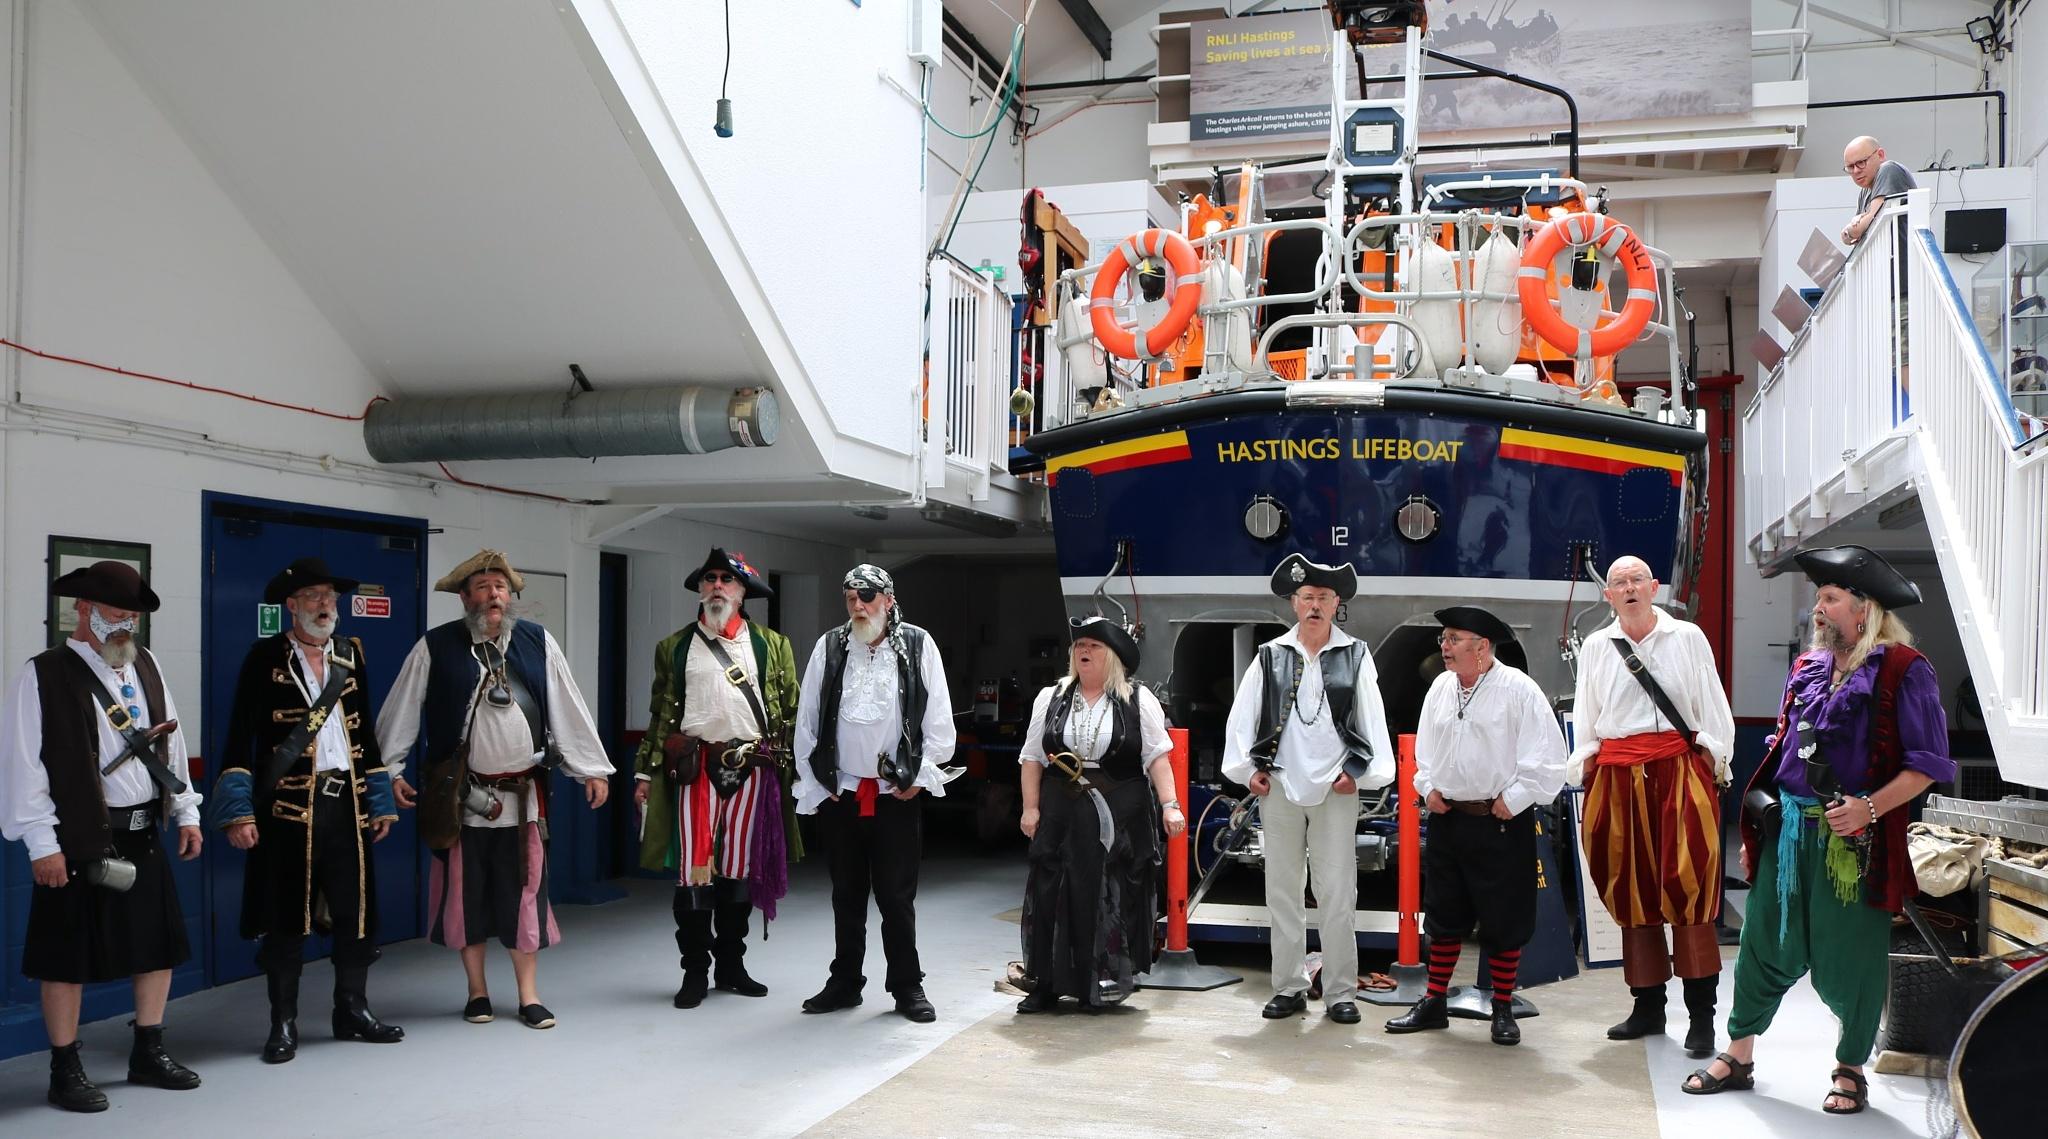 At Hastings Life boat by Mo Dessouki